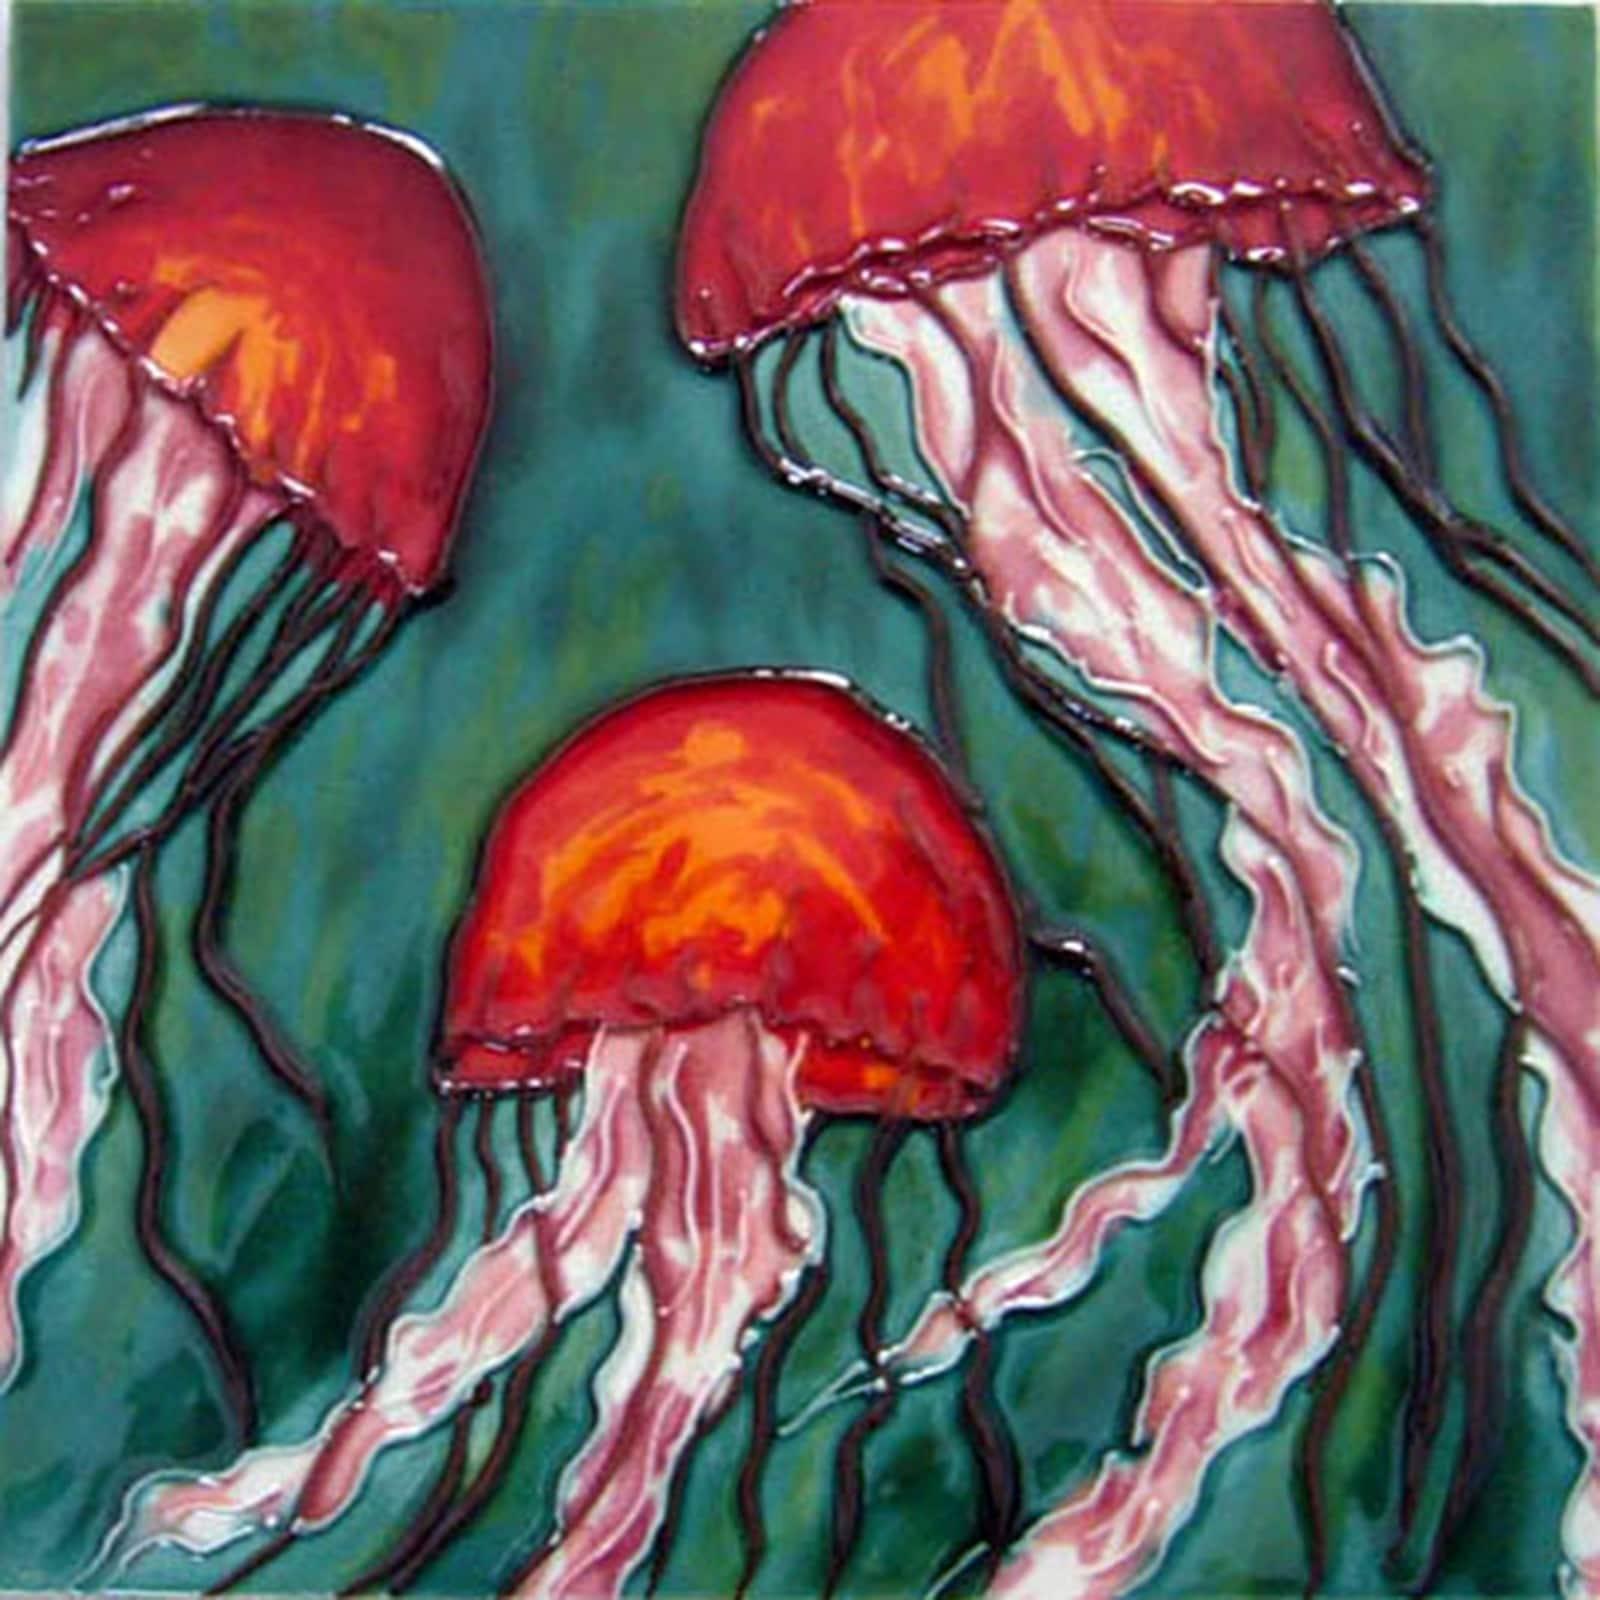 Orange Octopus in Ocean Ceramic Tile 4 Inches